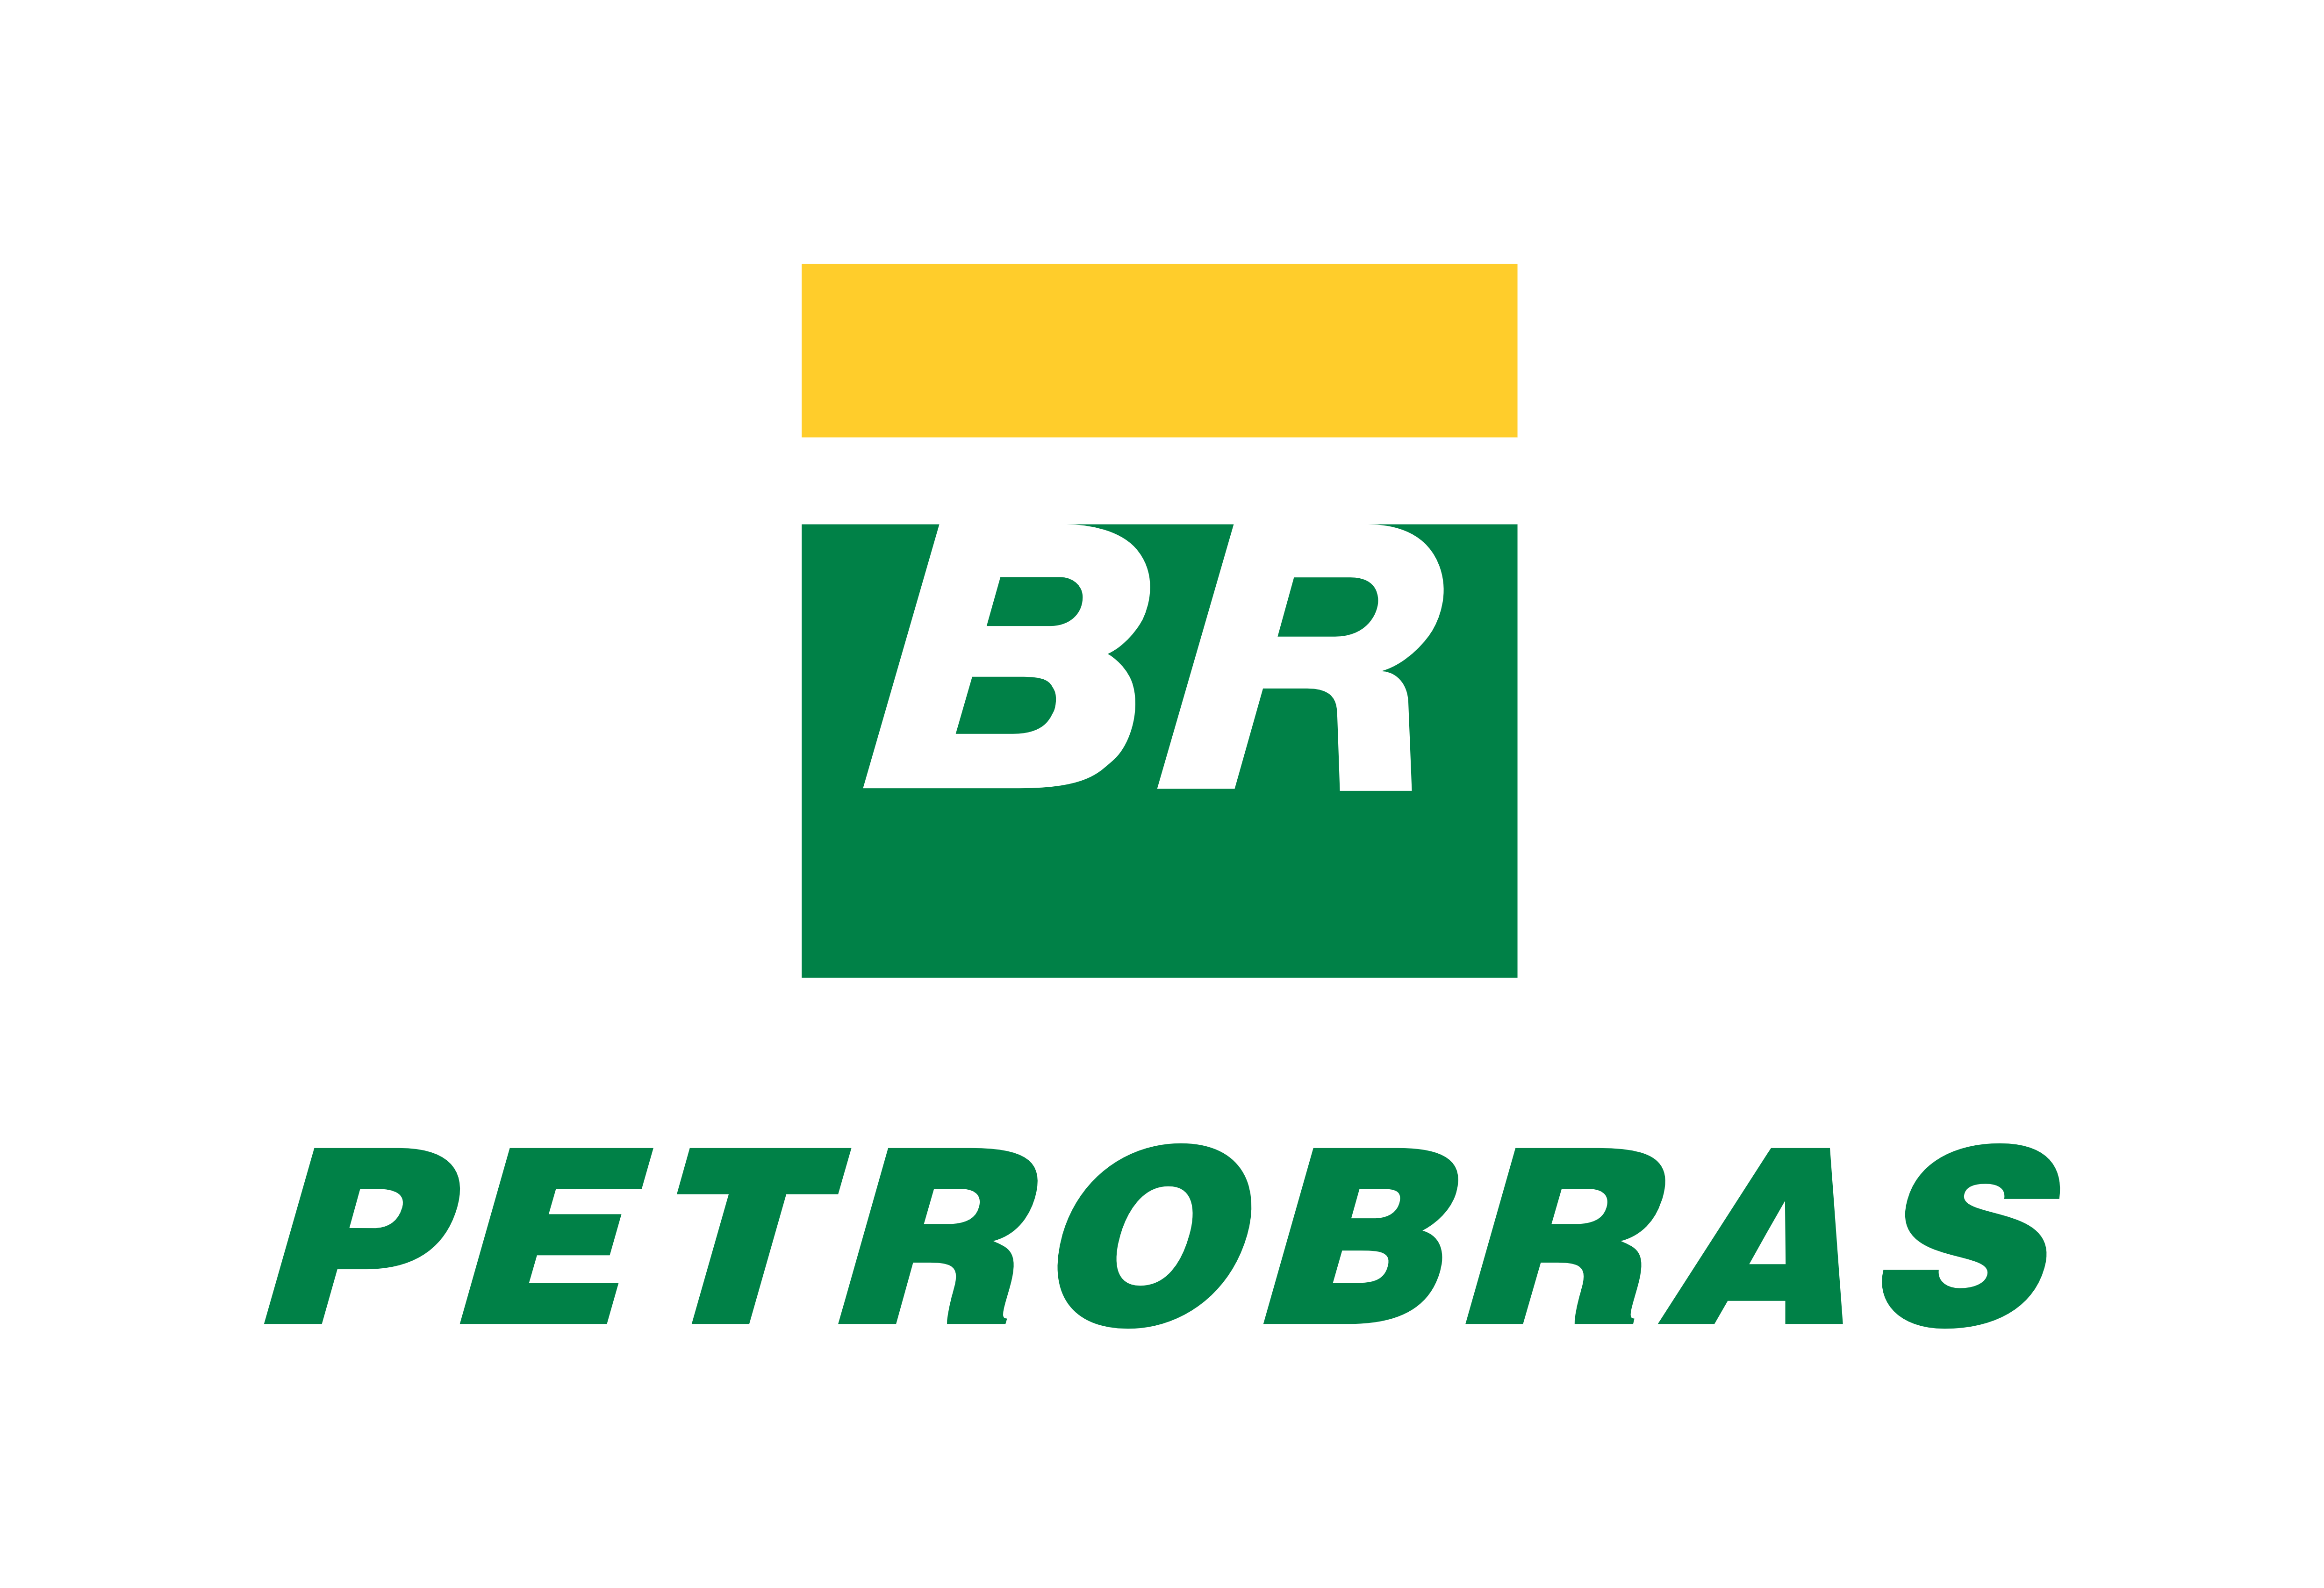 PETROLEO BRASILEIRO S A PETROBRAS